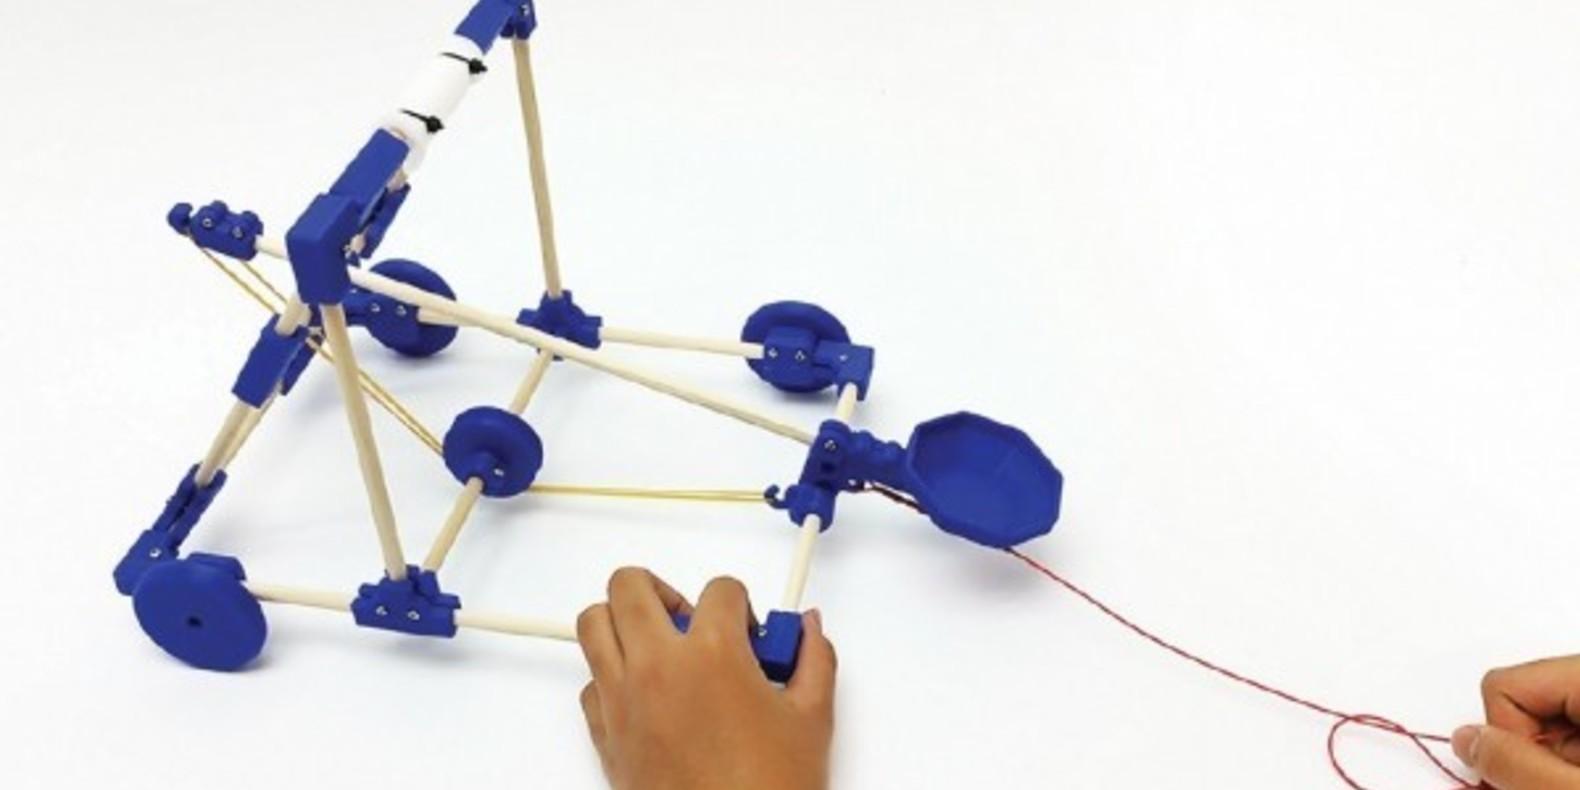 mypie catapulte fichier 3D cults impression 3D maker